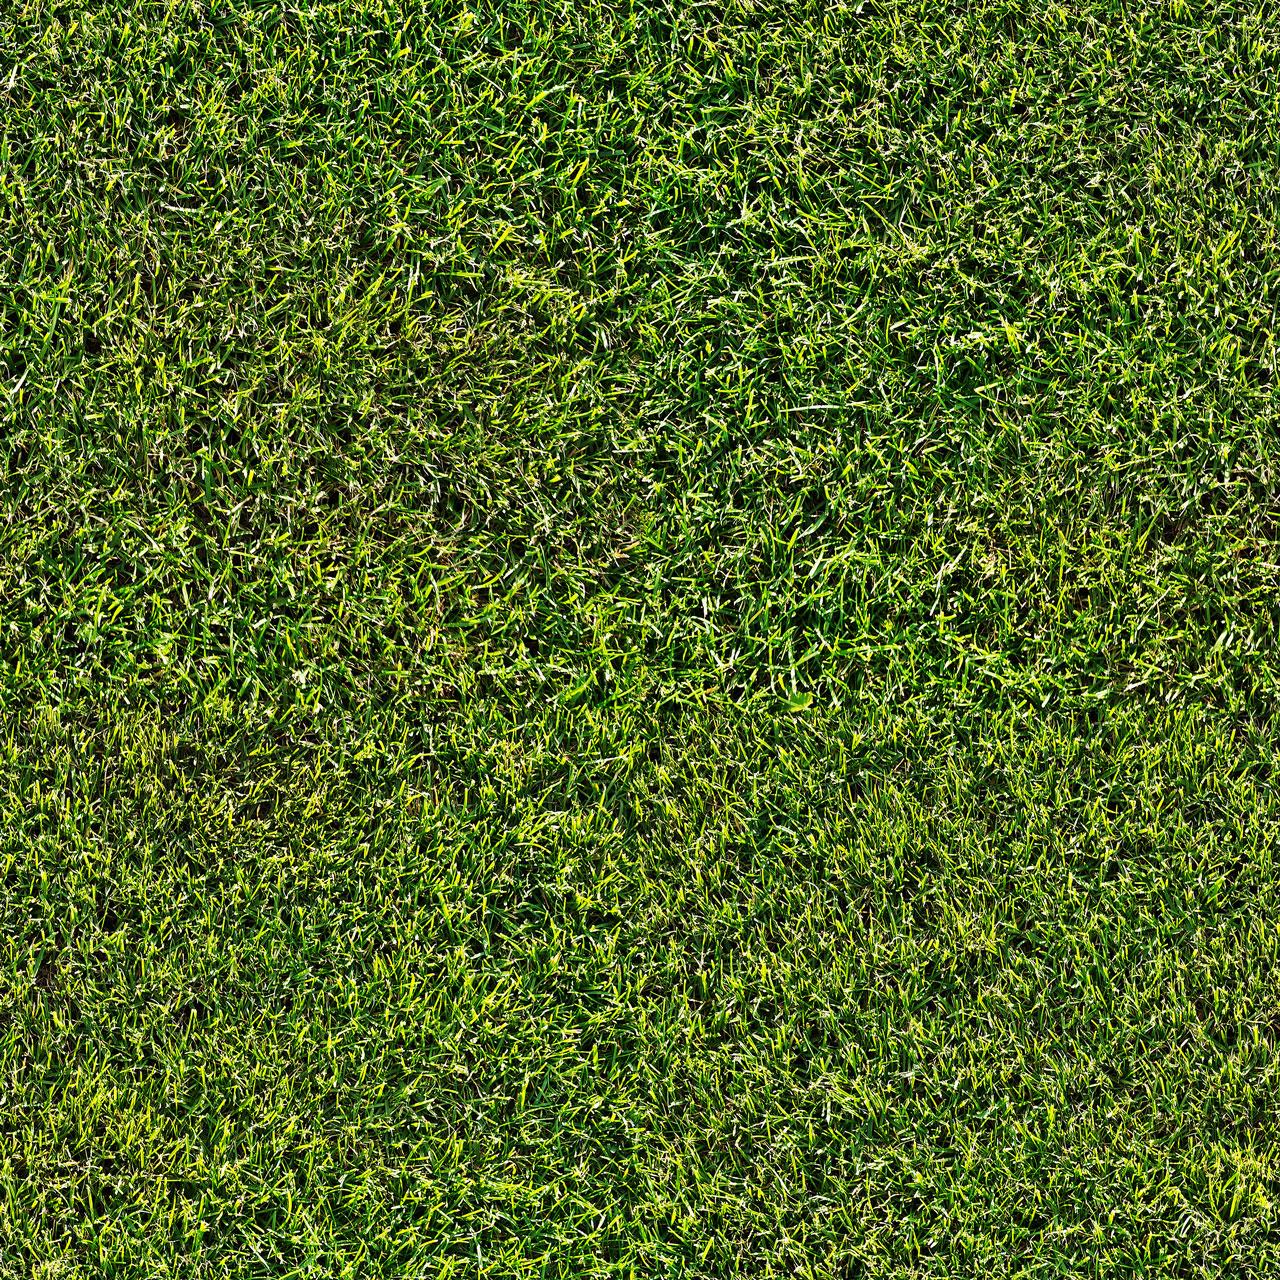 wildtextures_short-grass-field-seamless-texture